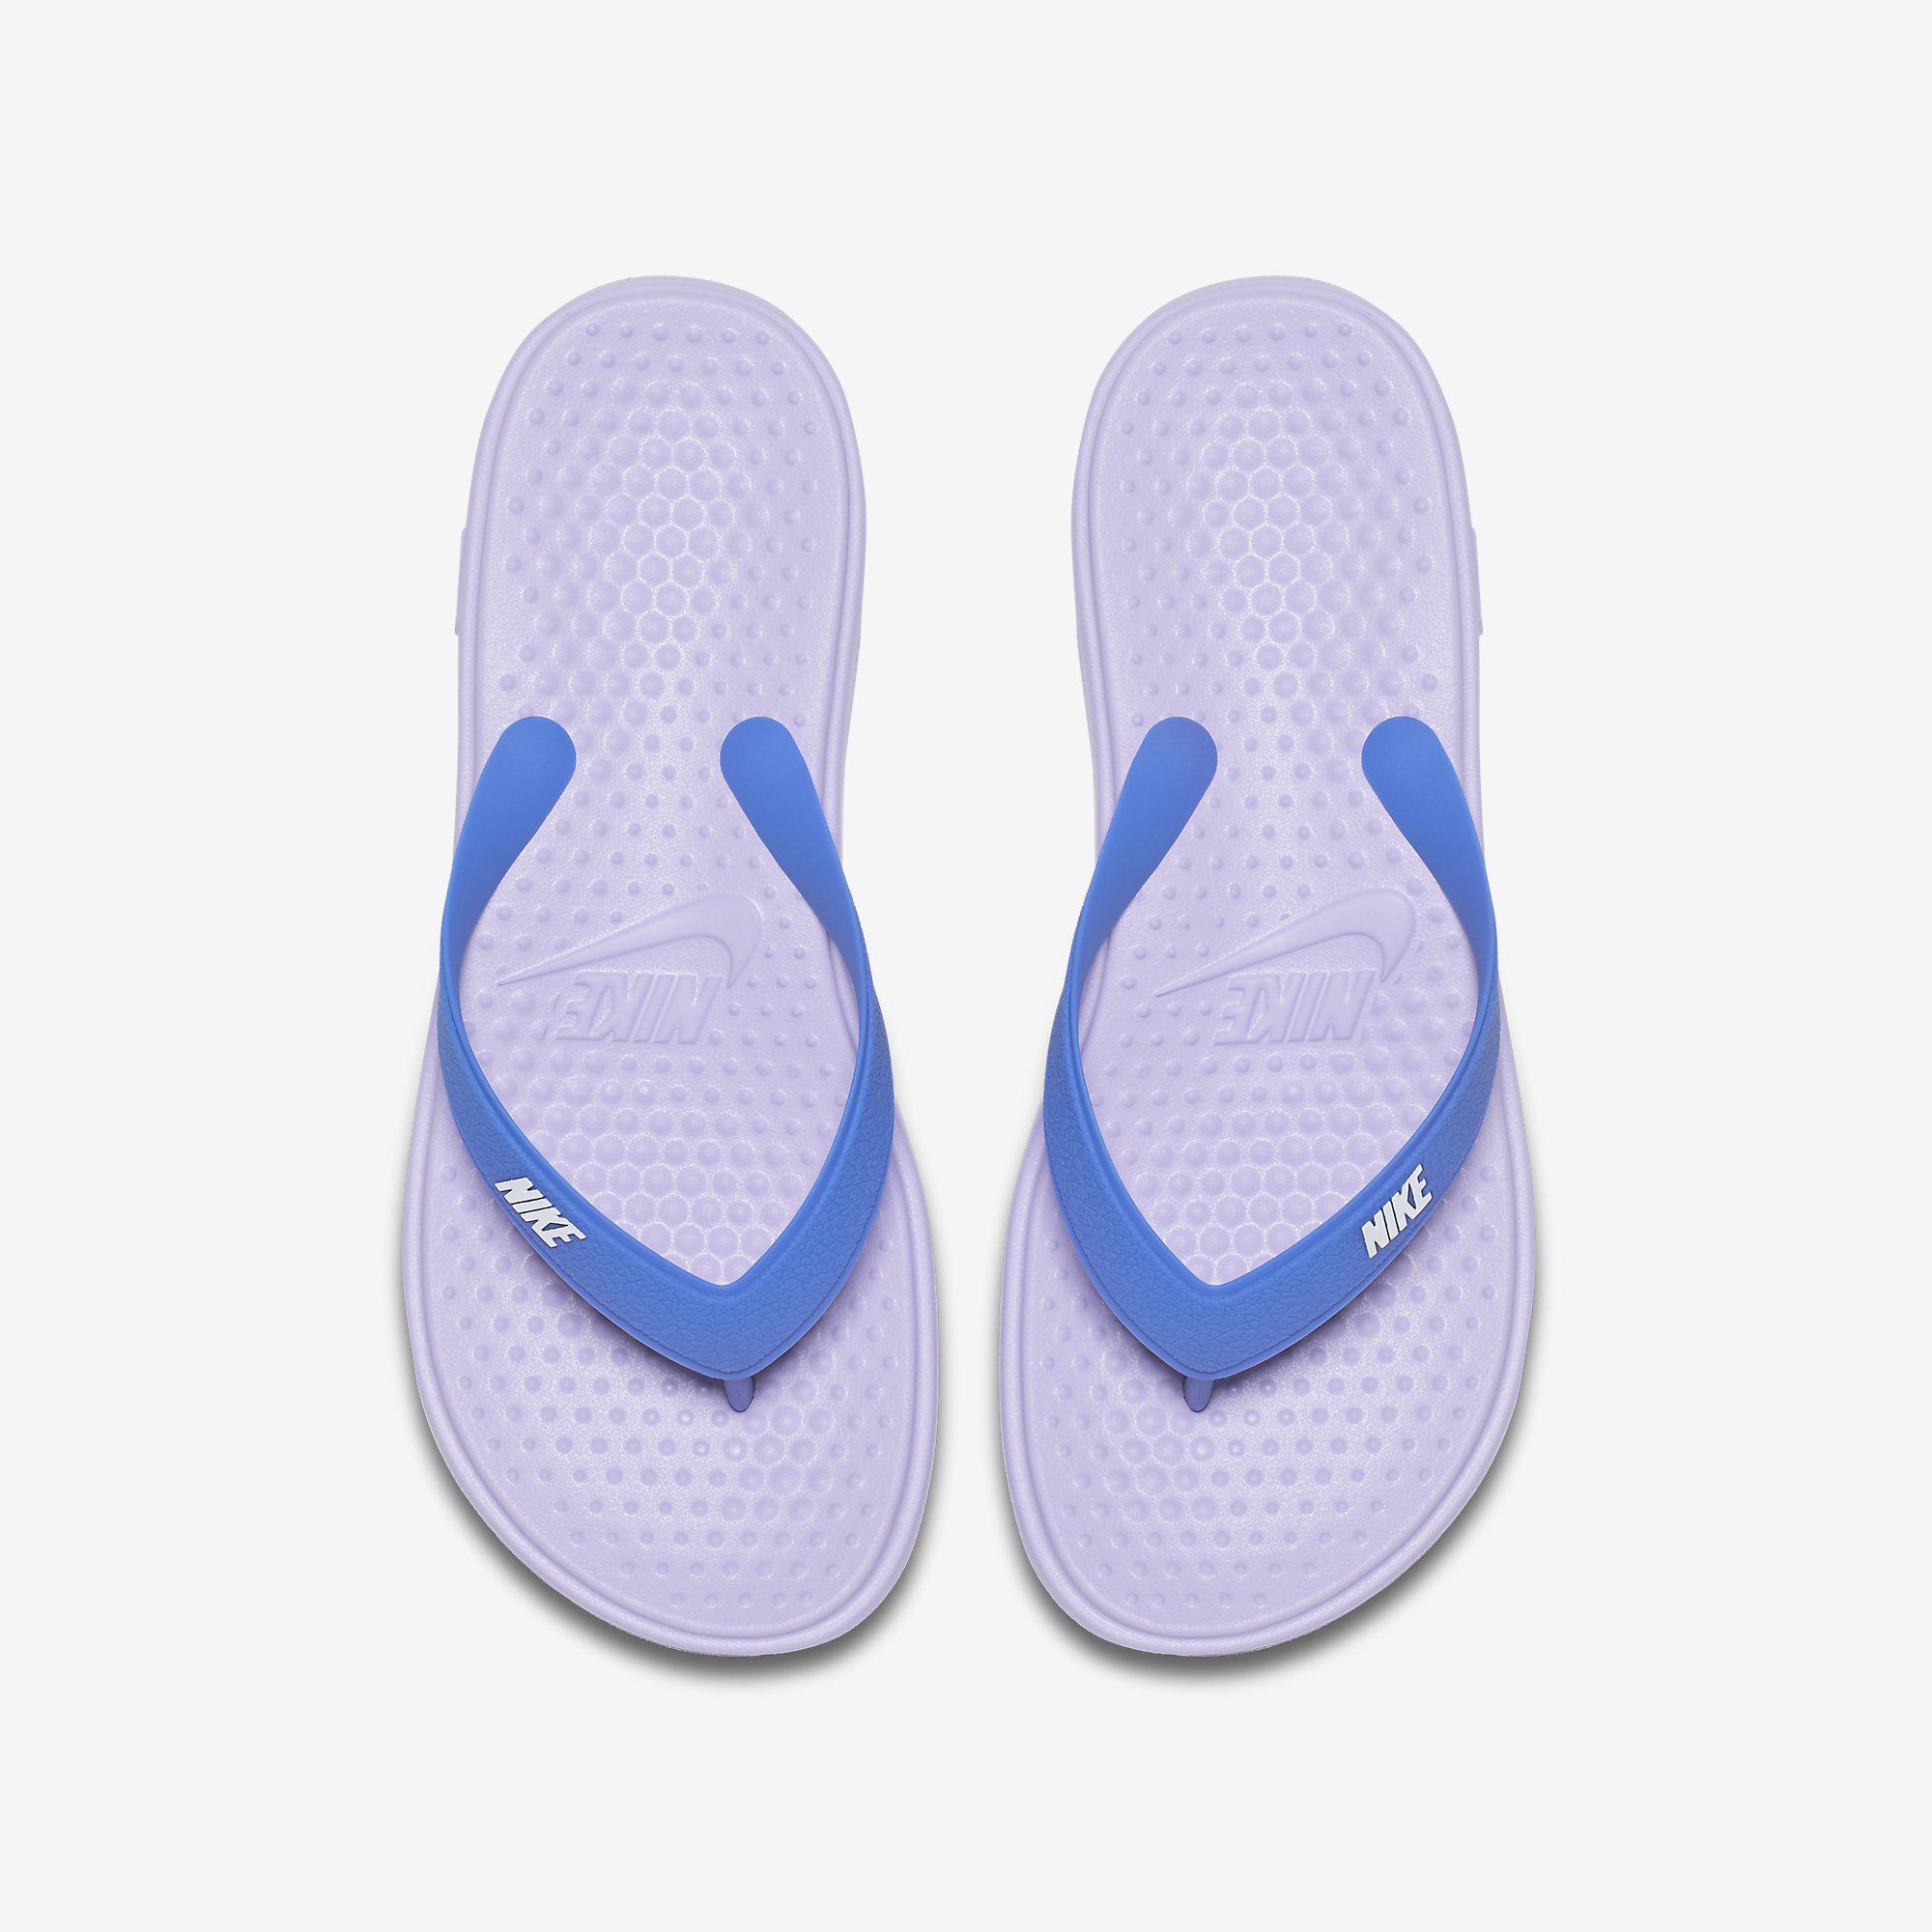 bffa6d7ddf6c Nike Girls Solay Thong (Flip Flops) - Hydrangeas Comet Blue ...